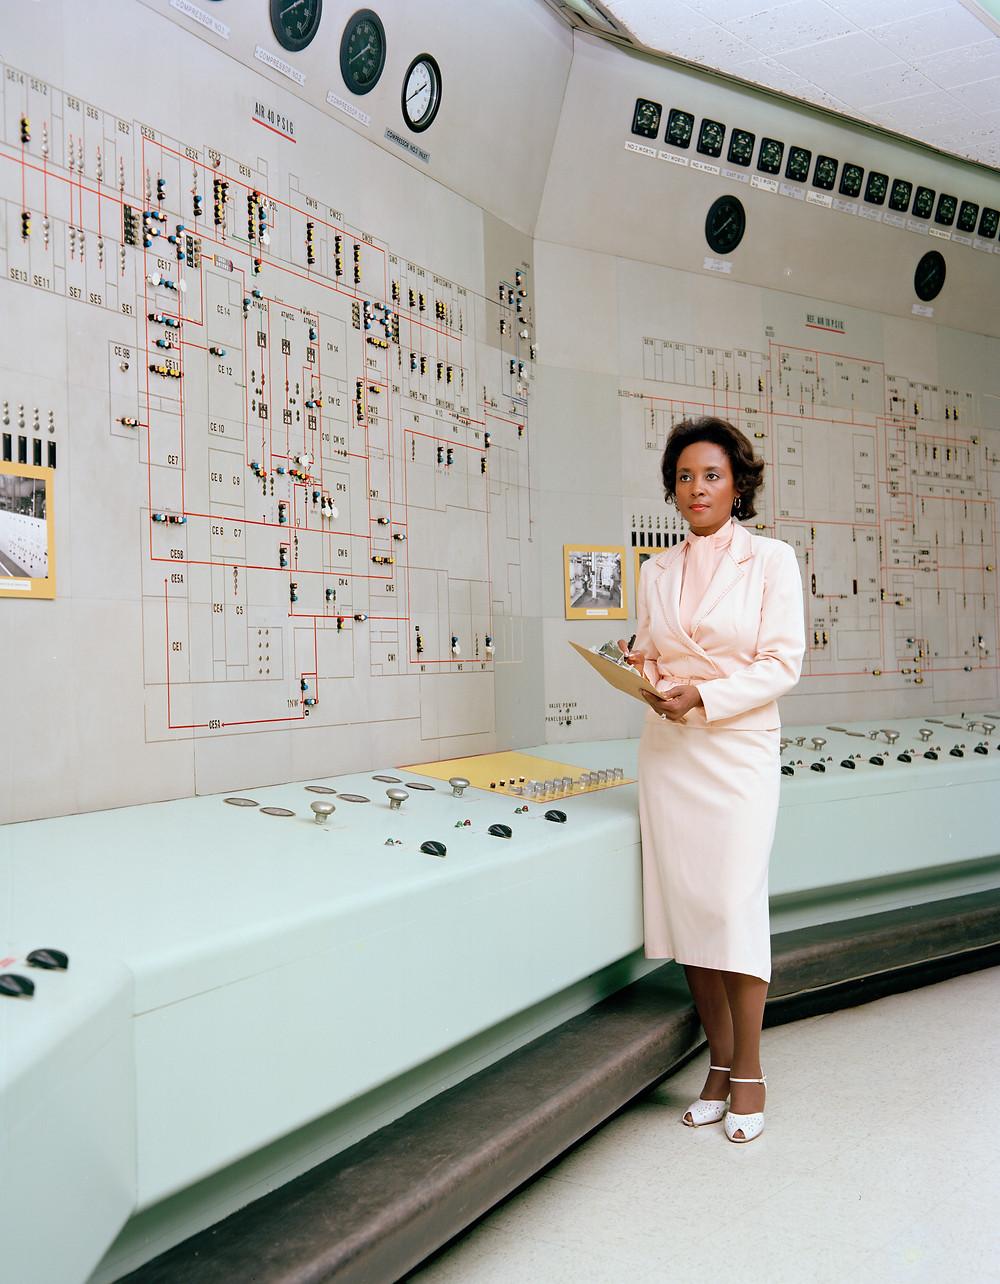 Black Women in Tech Annie Easley